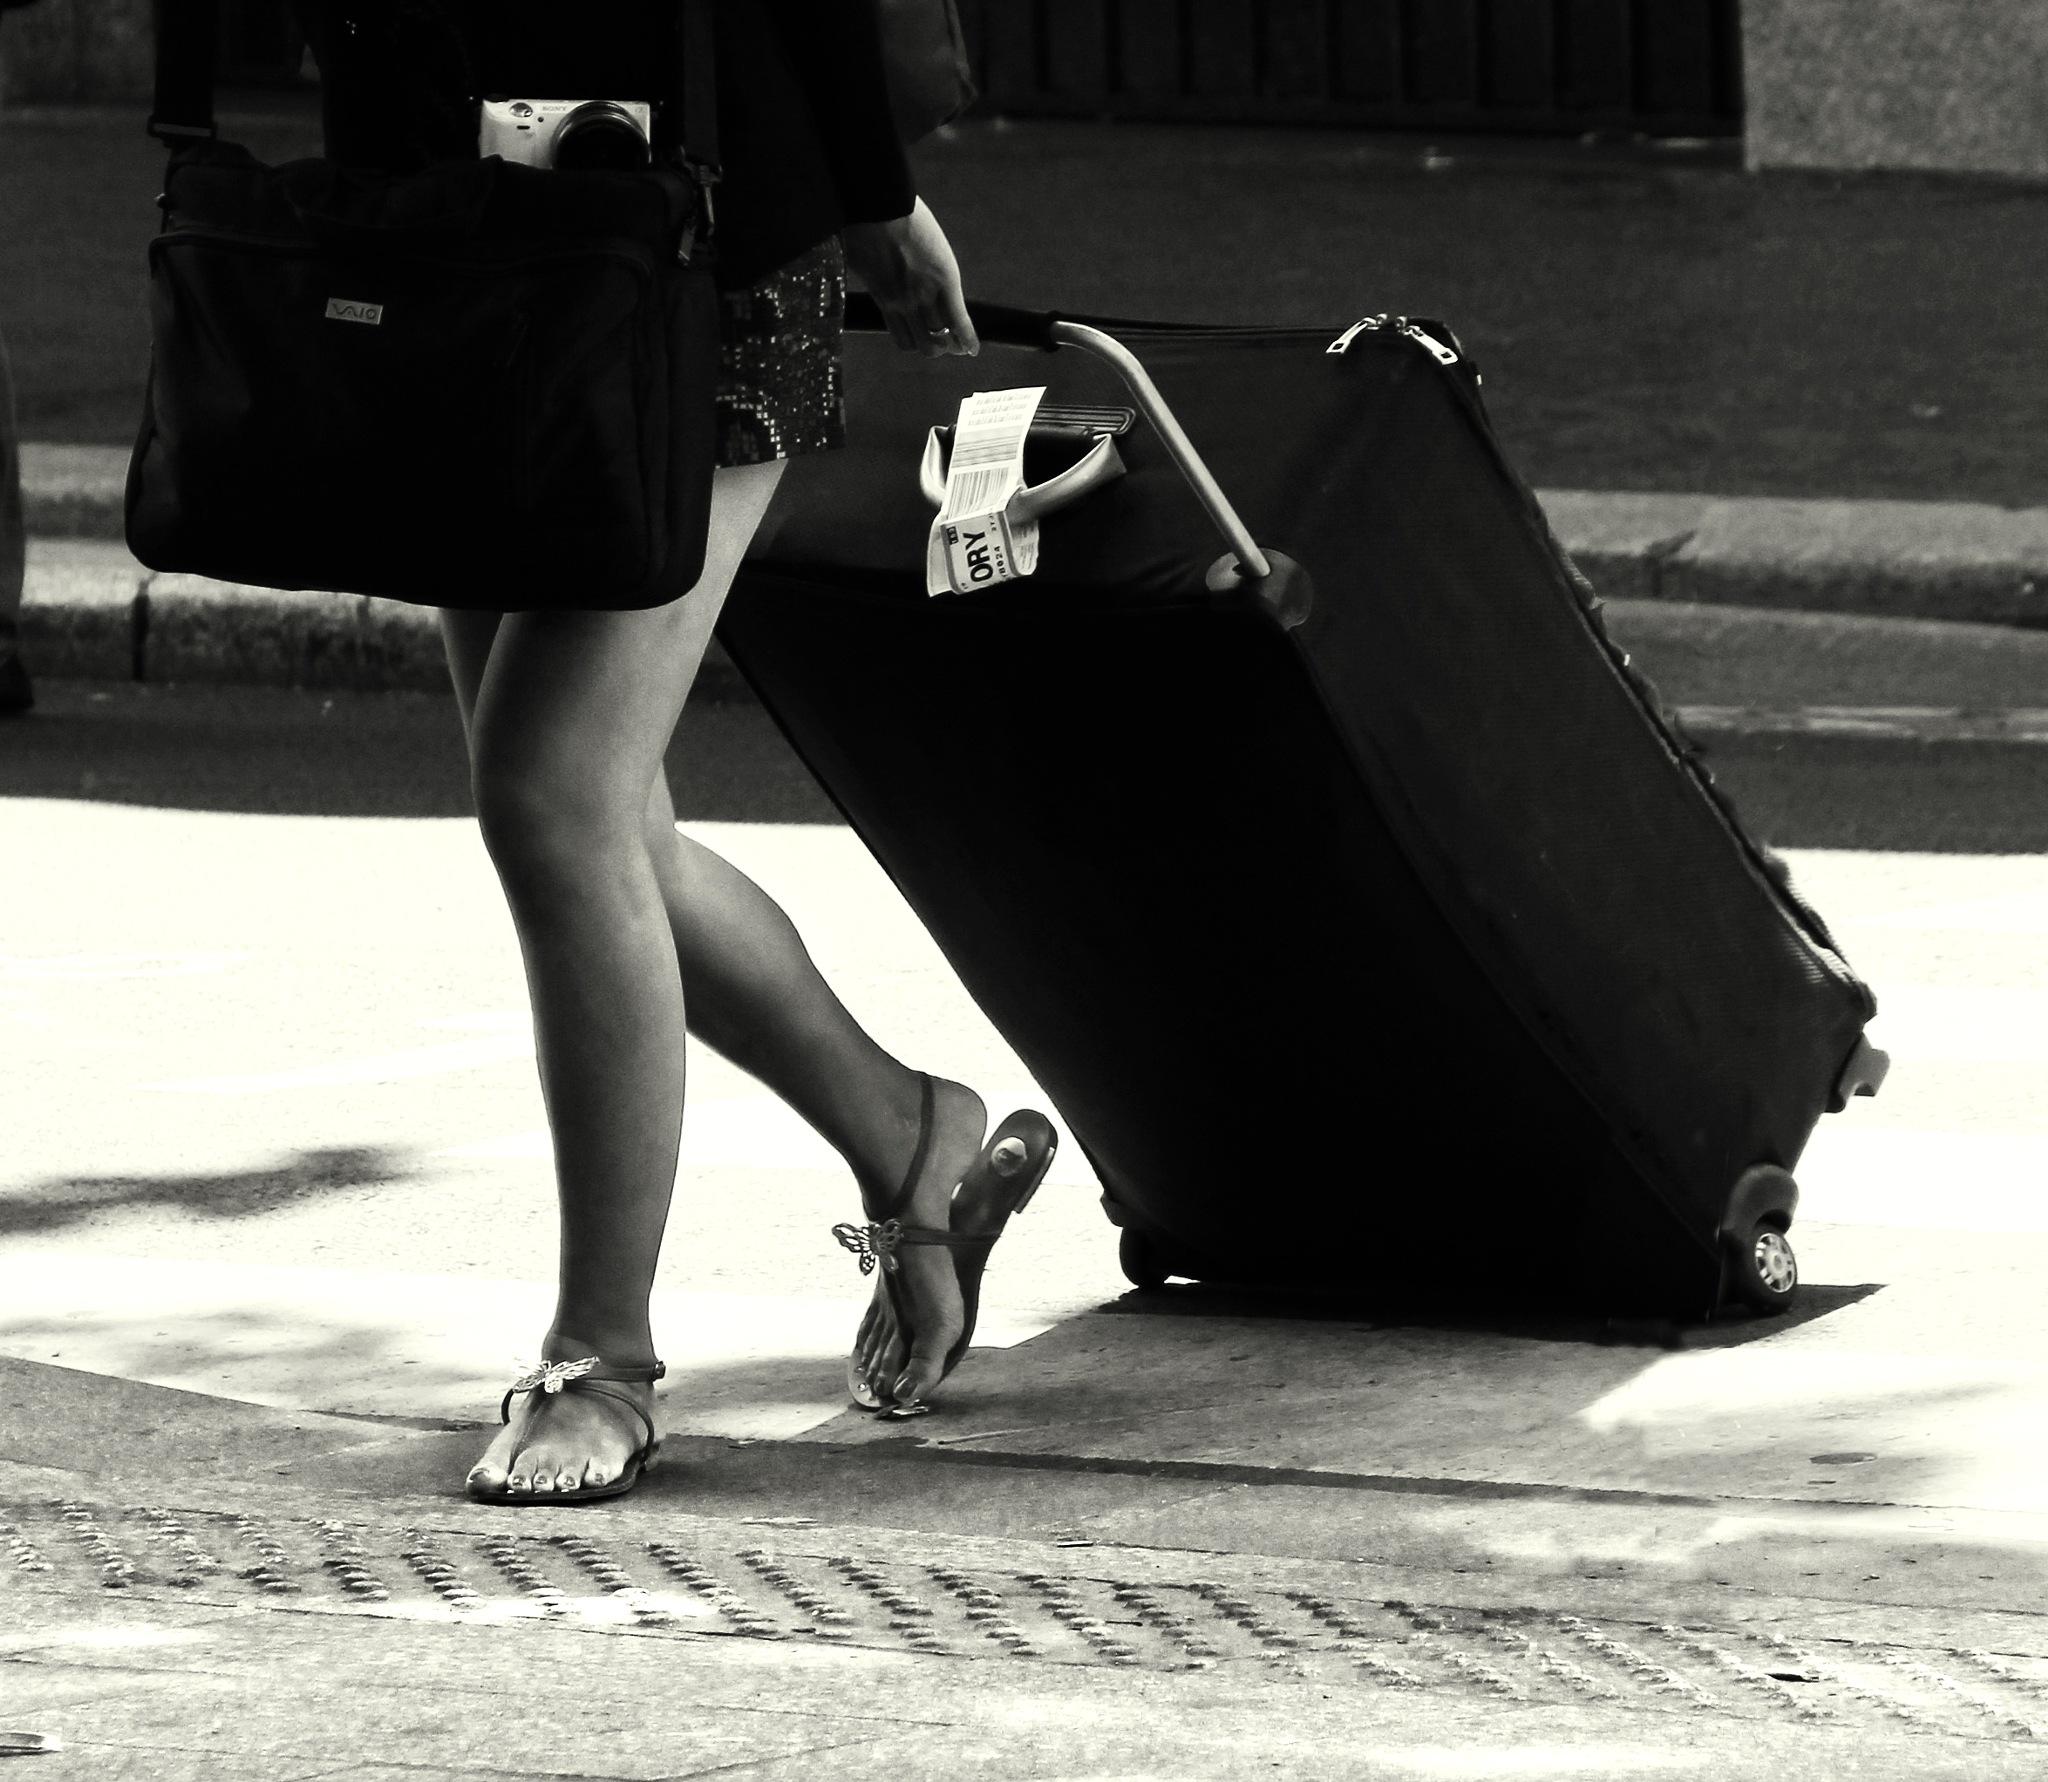 From airport by Сергей Юрьев